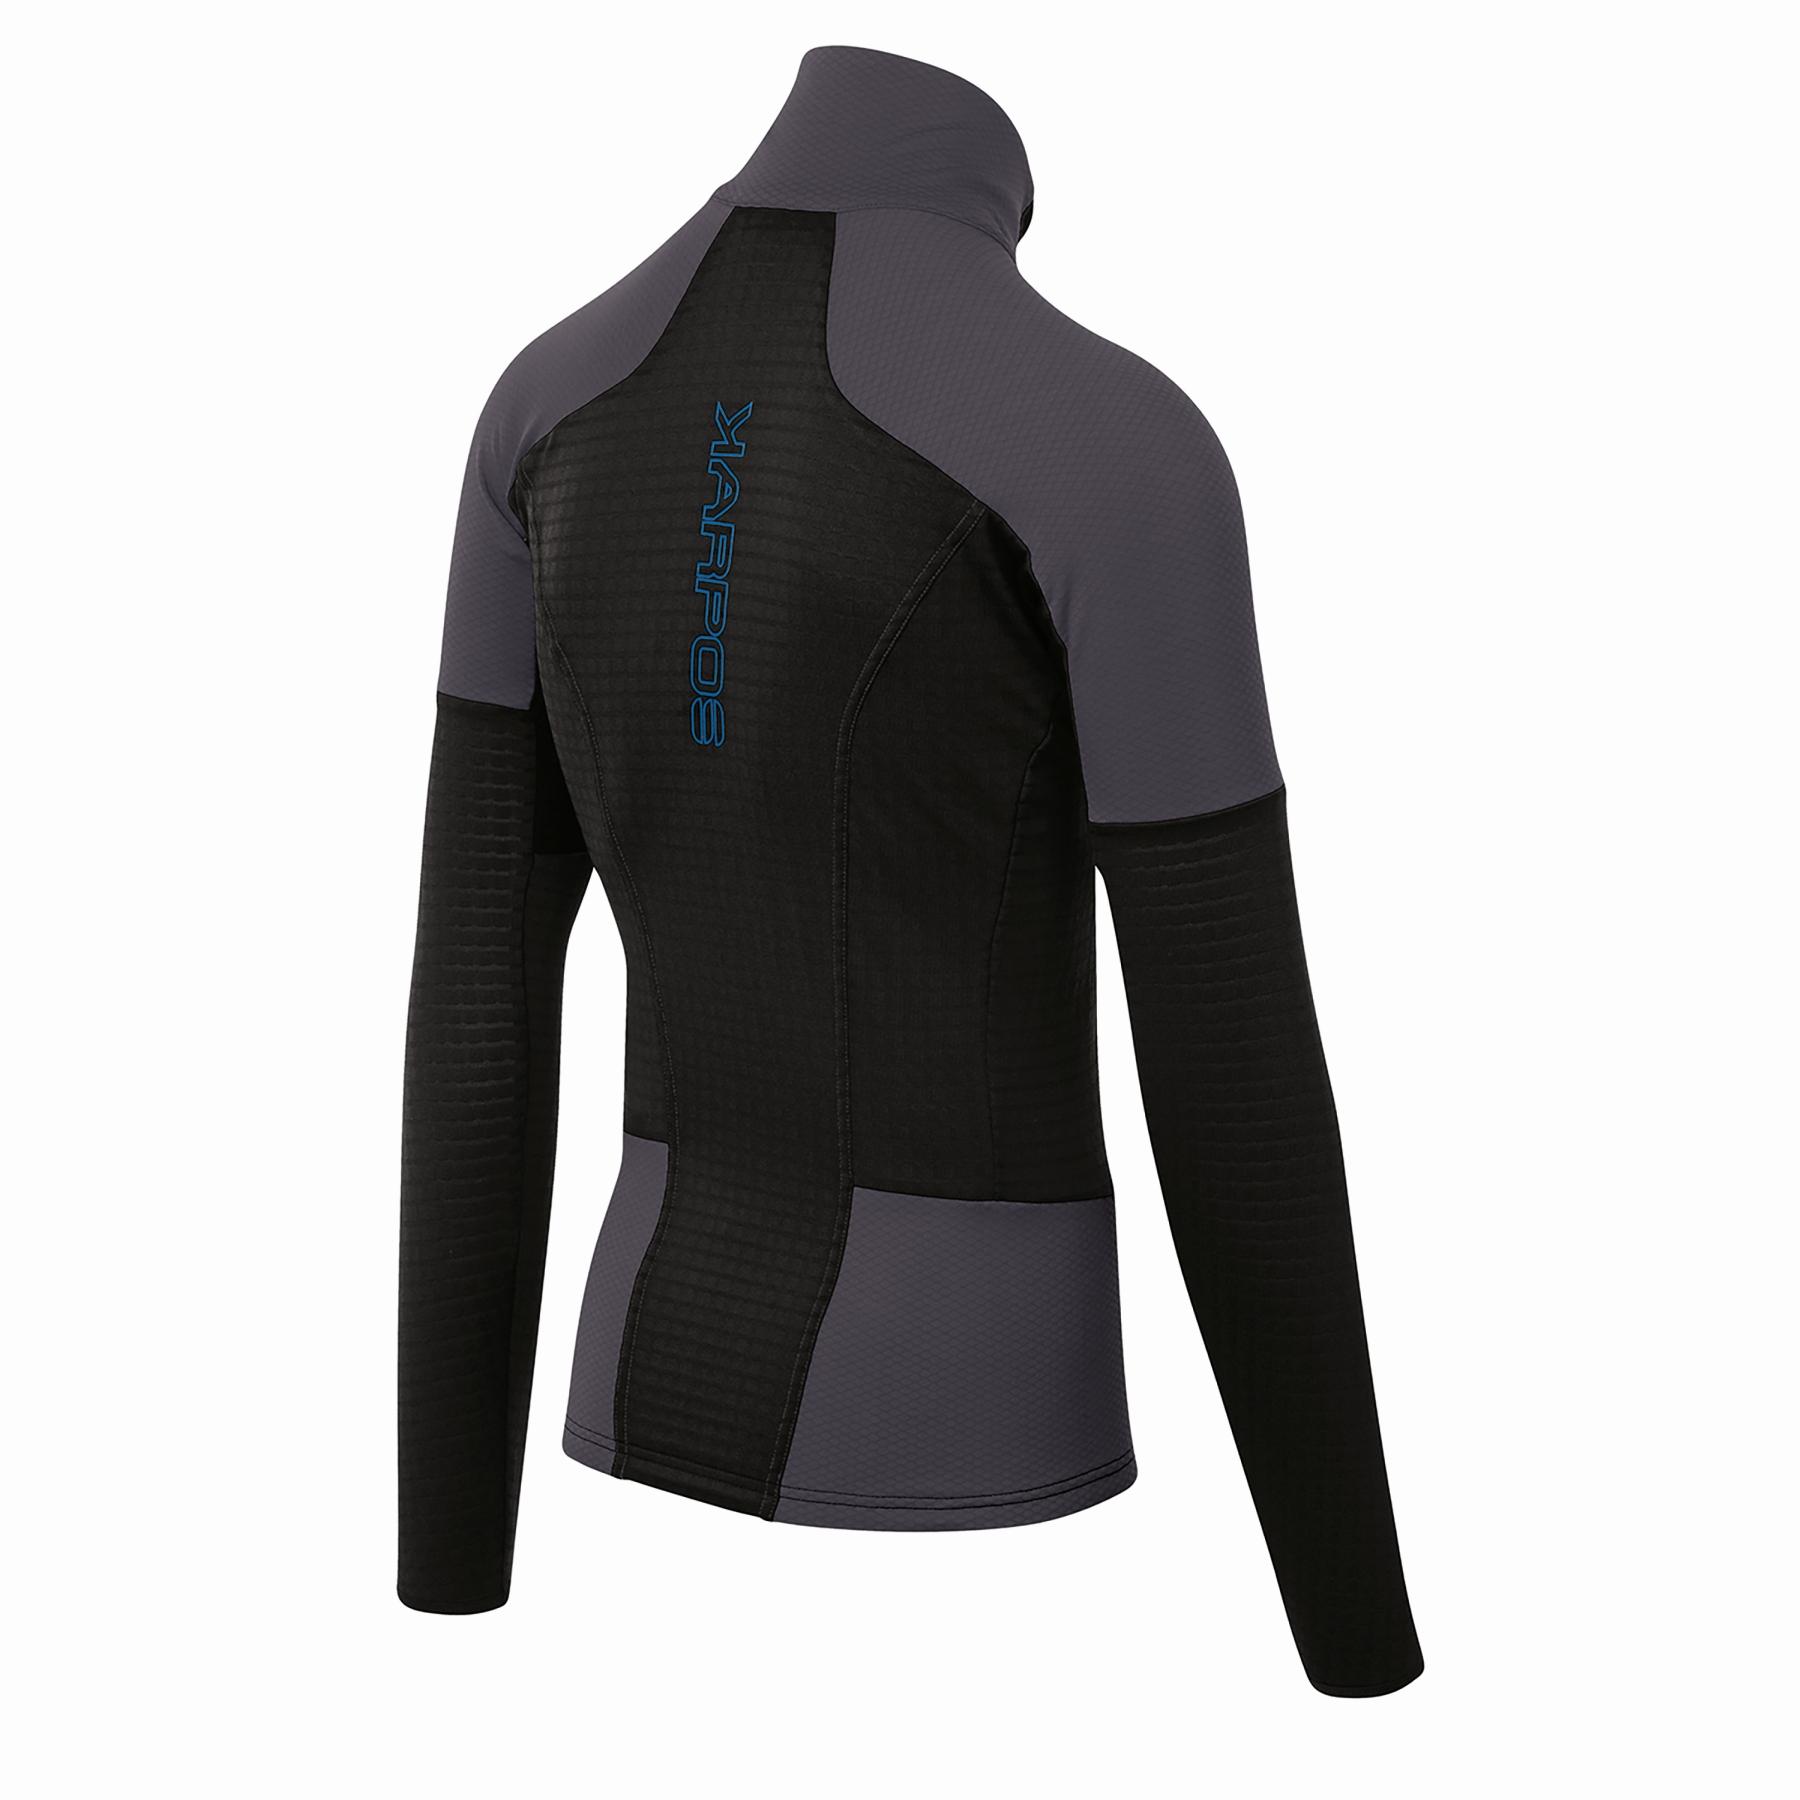 Image of Karpos Puez Fleece Mid Layer Jacket - Black/Dark Grey